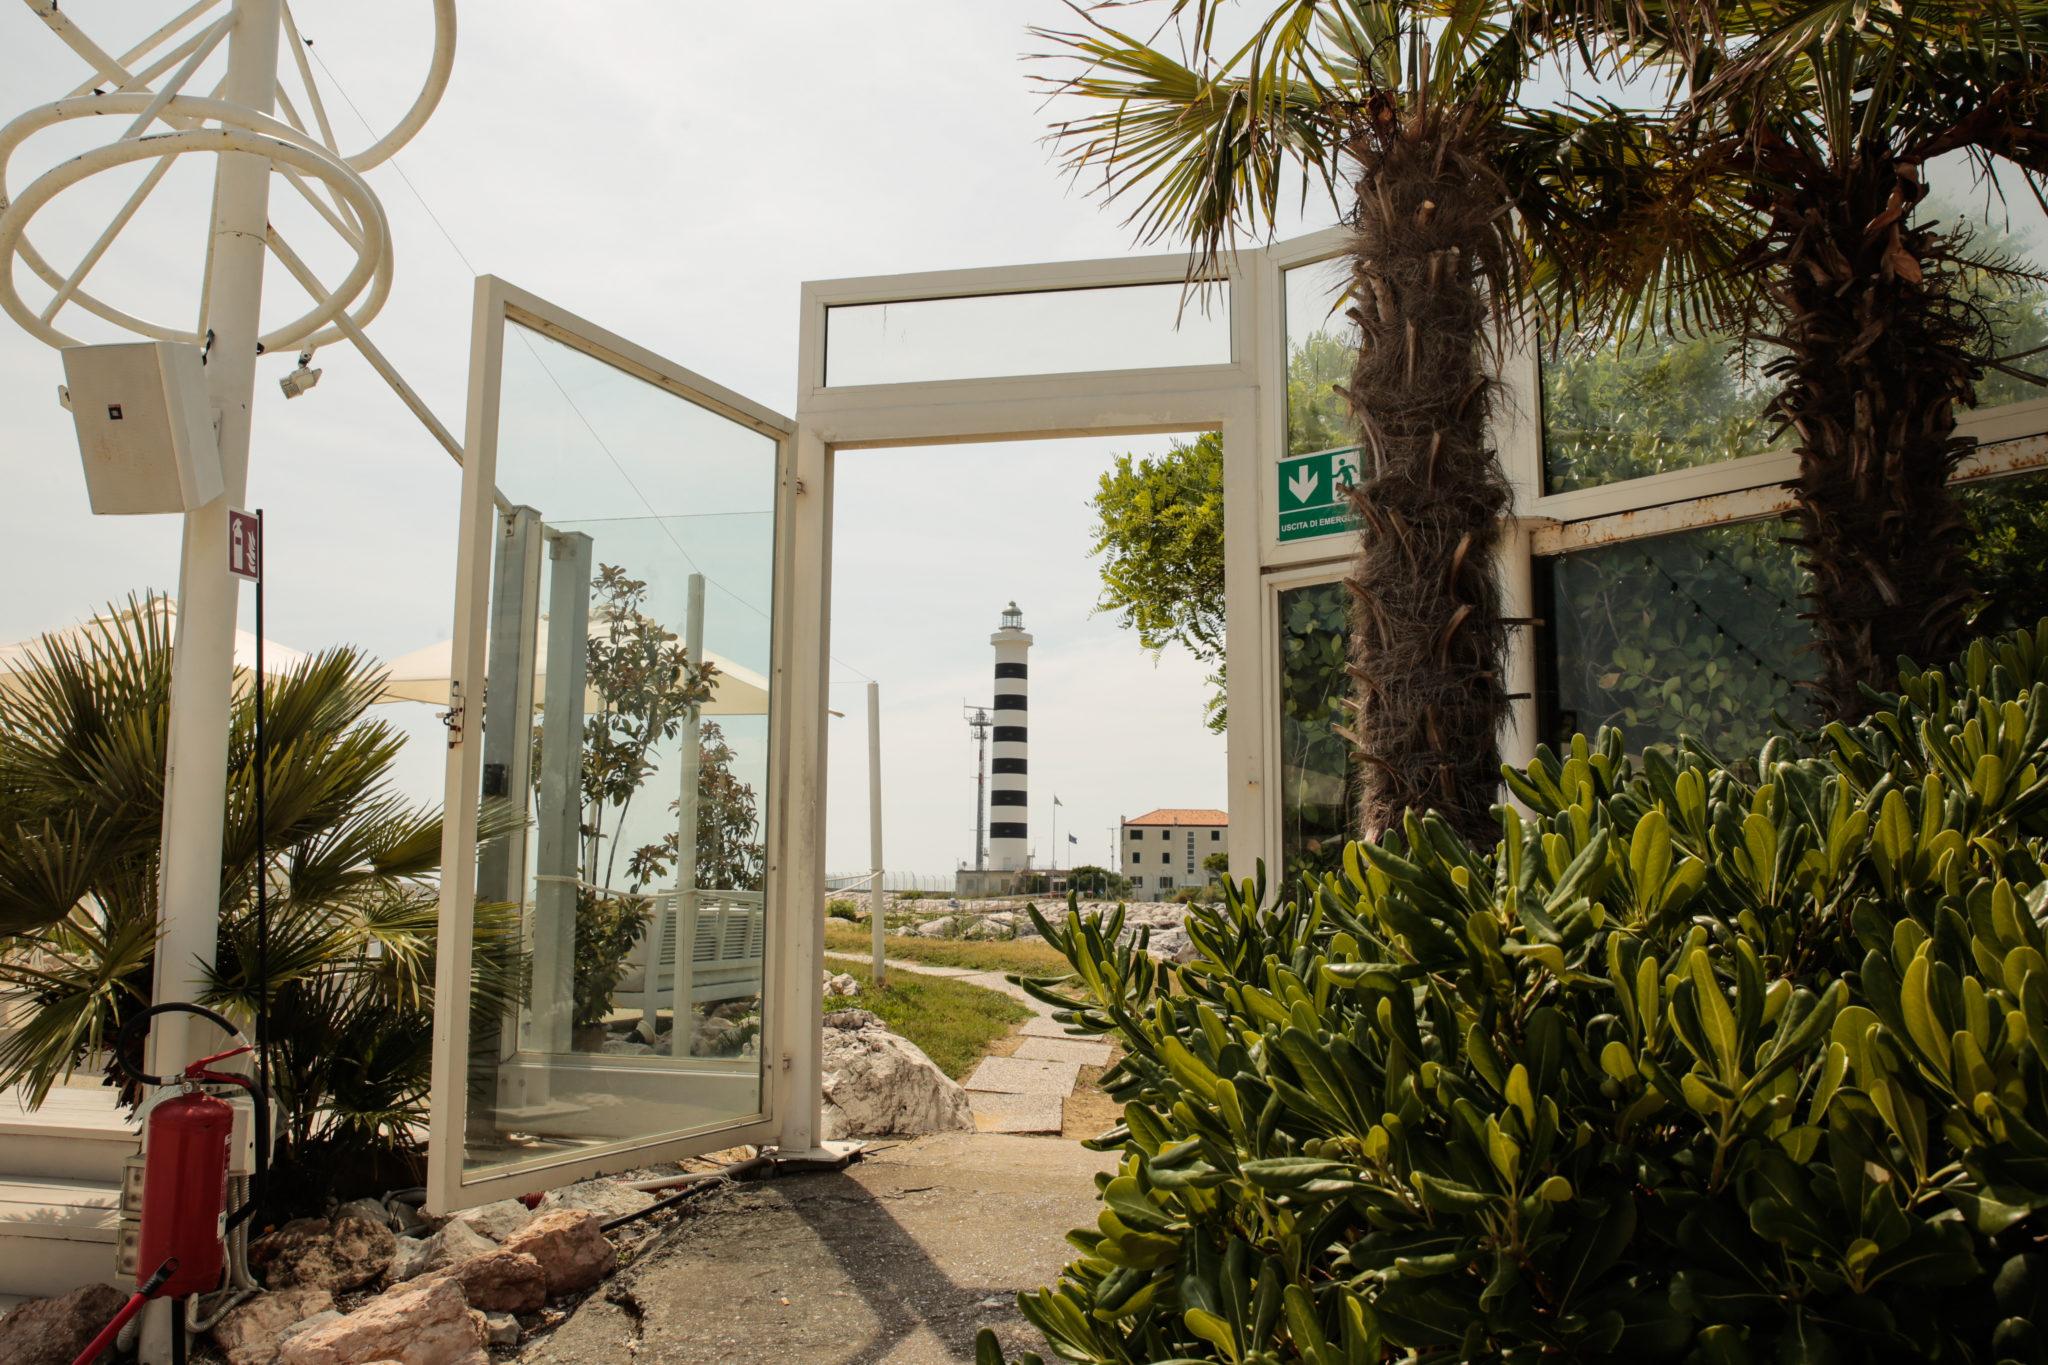 Il Faro di Piave Vecchia è il guardiano del mare fra Jesolo e Cavallino Treporti. Abbiamo raccolto i racconti di chi da sempre lo vede come un orizzonte